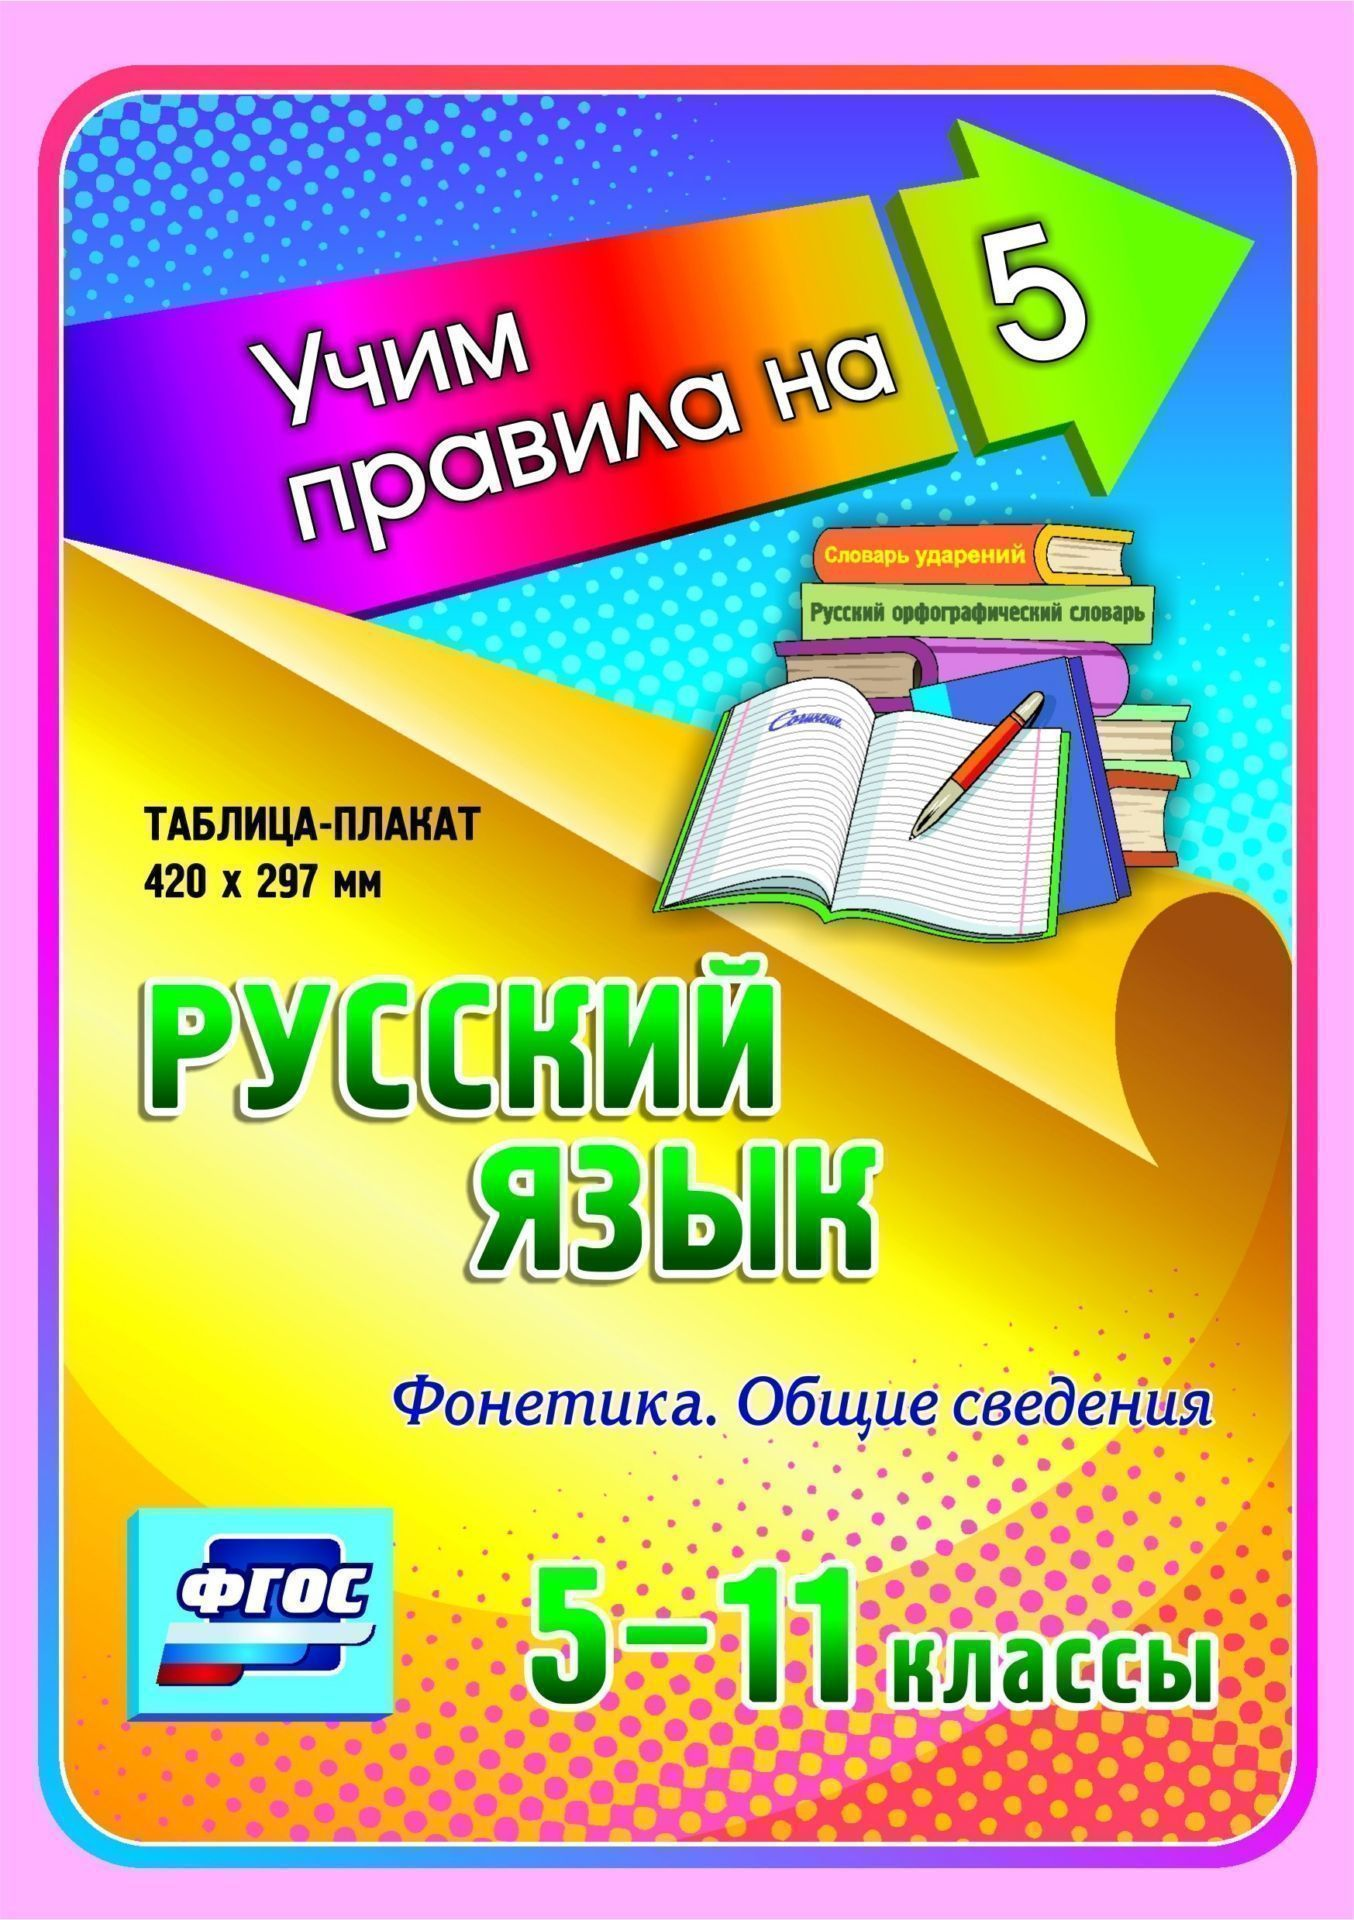 Русский язык. Фонетика. Общие сведения. 5-11 классы: Таблица-плакат 420х297